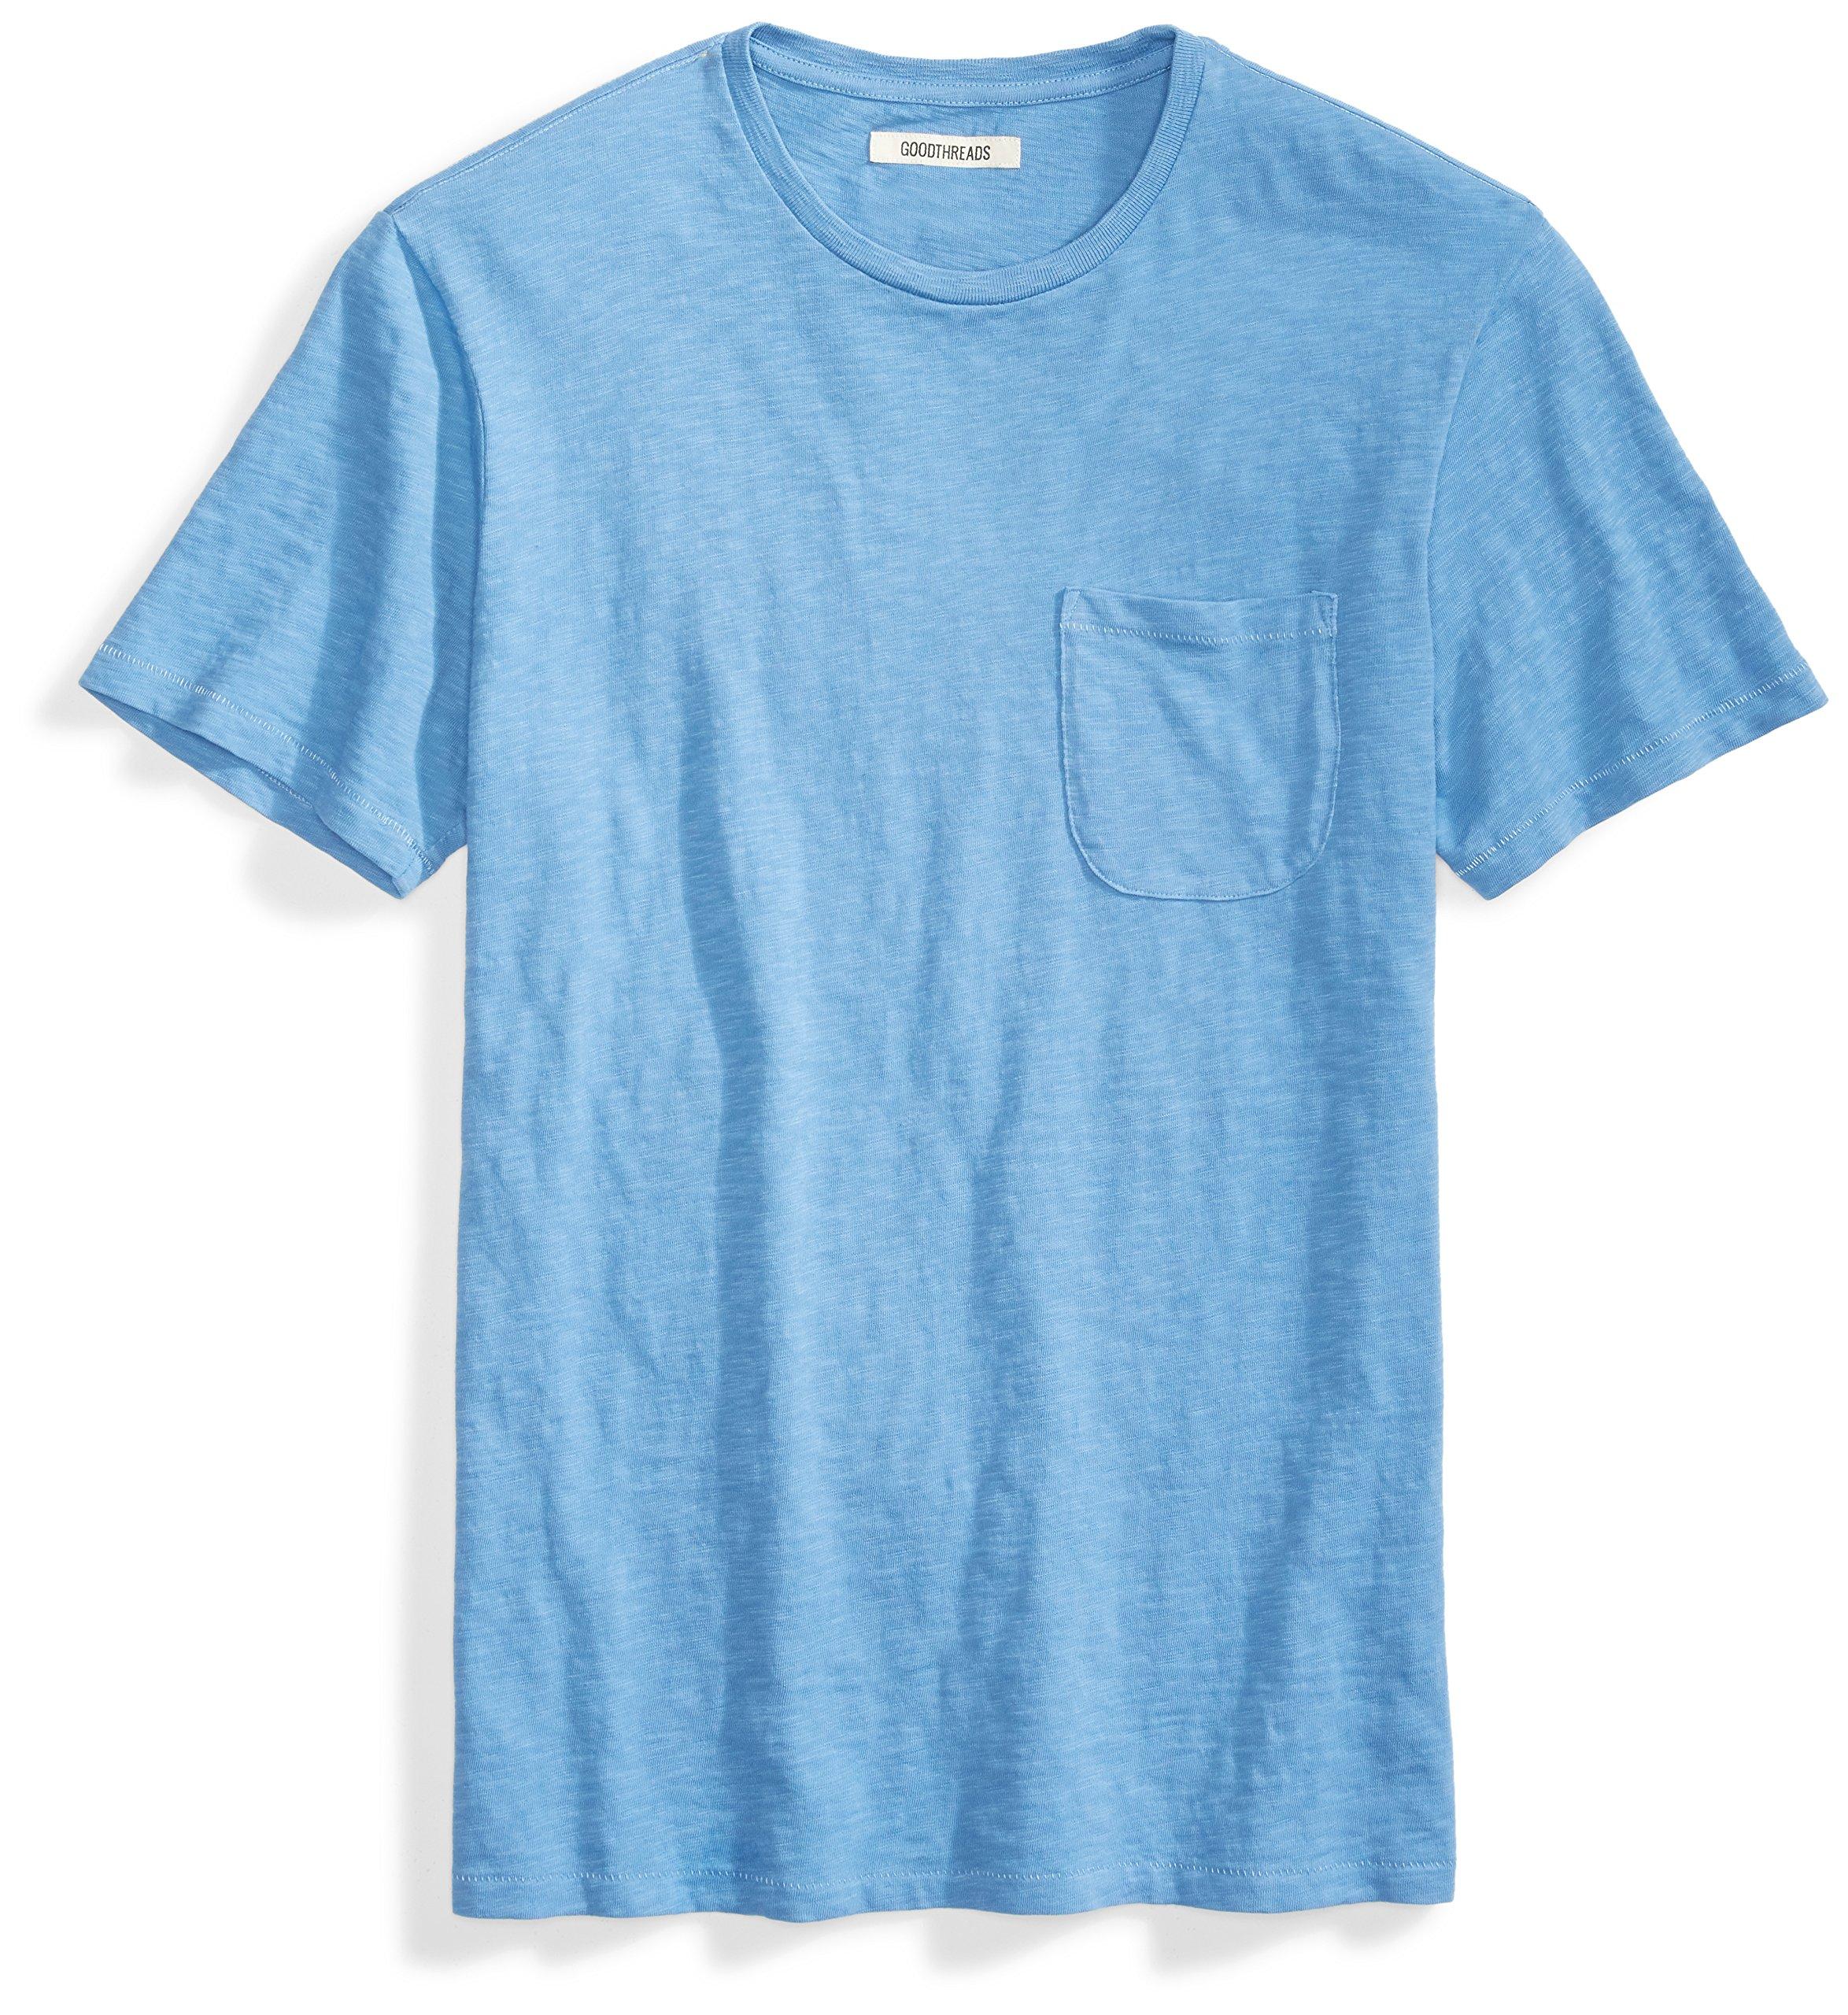 Goodthreads Men's Short-Sleeve Crewneck Slub Pocket T-Shirt, Moonlight Blue/Blue, Medium